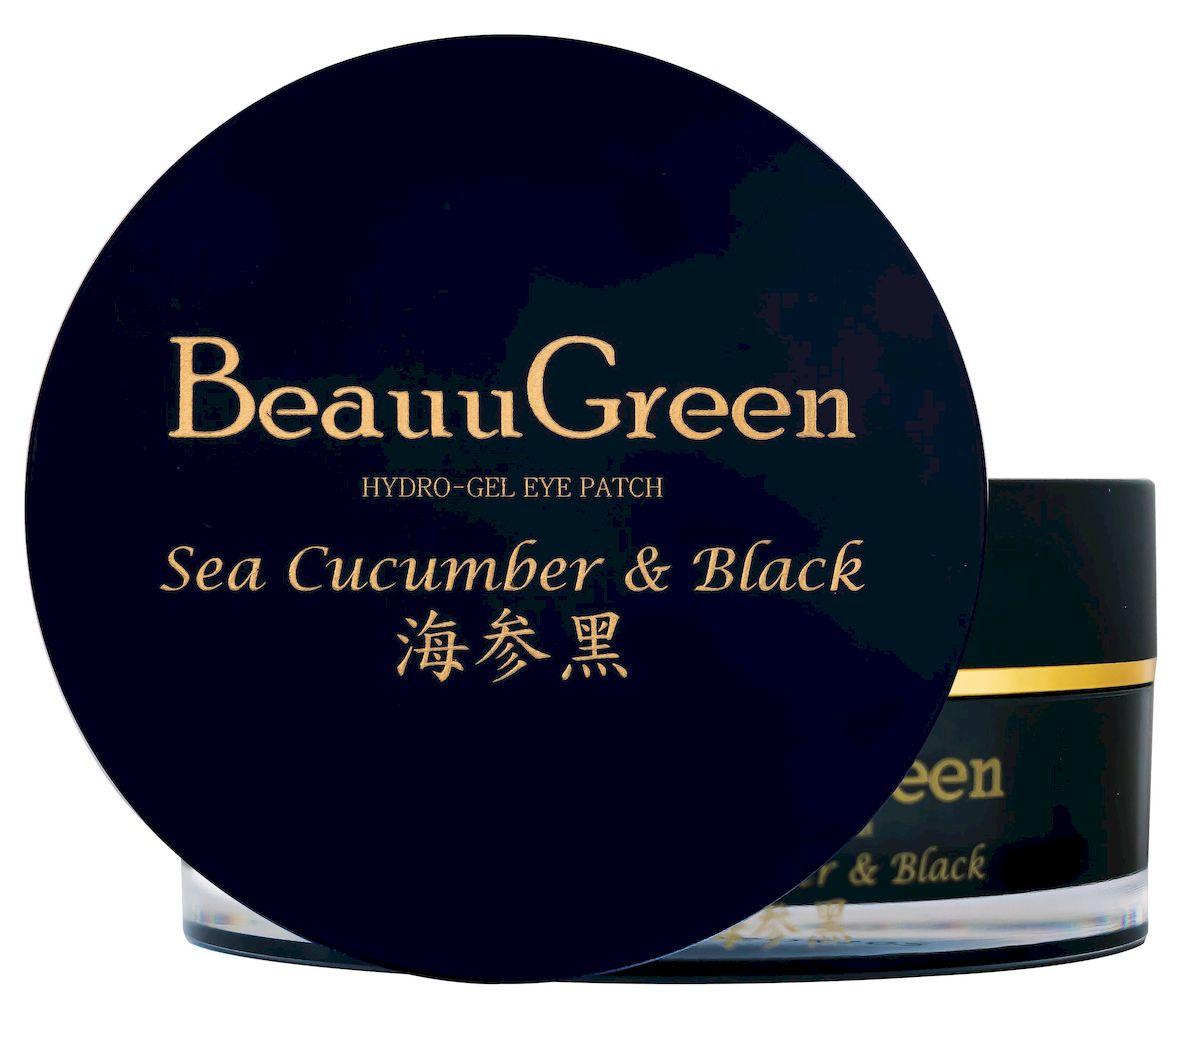 BeauuGreen Гидрогелевые патчи для кожи вокруг глаз Sea Cucumber & Black Hydrogel Eye Patch, 90 г гидрогелевые патчи для кожи вокруг глаз с экстрактом кокоса kocostar tropical eye patch coconut